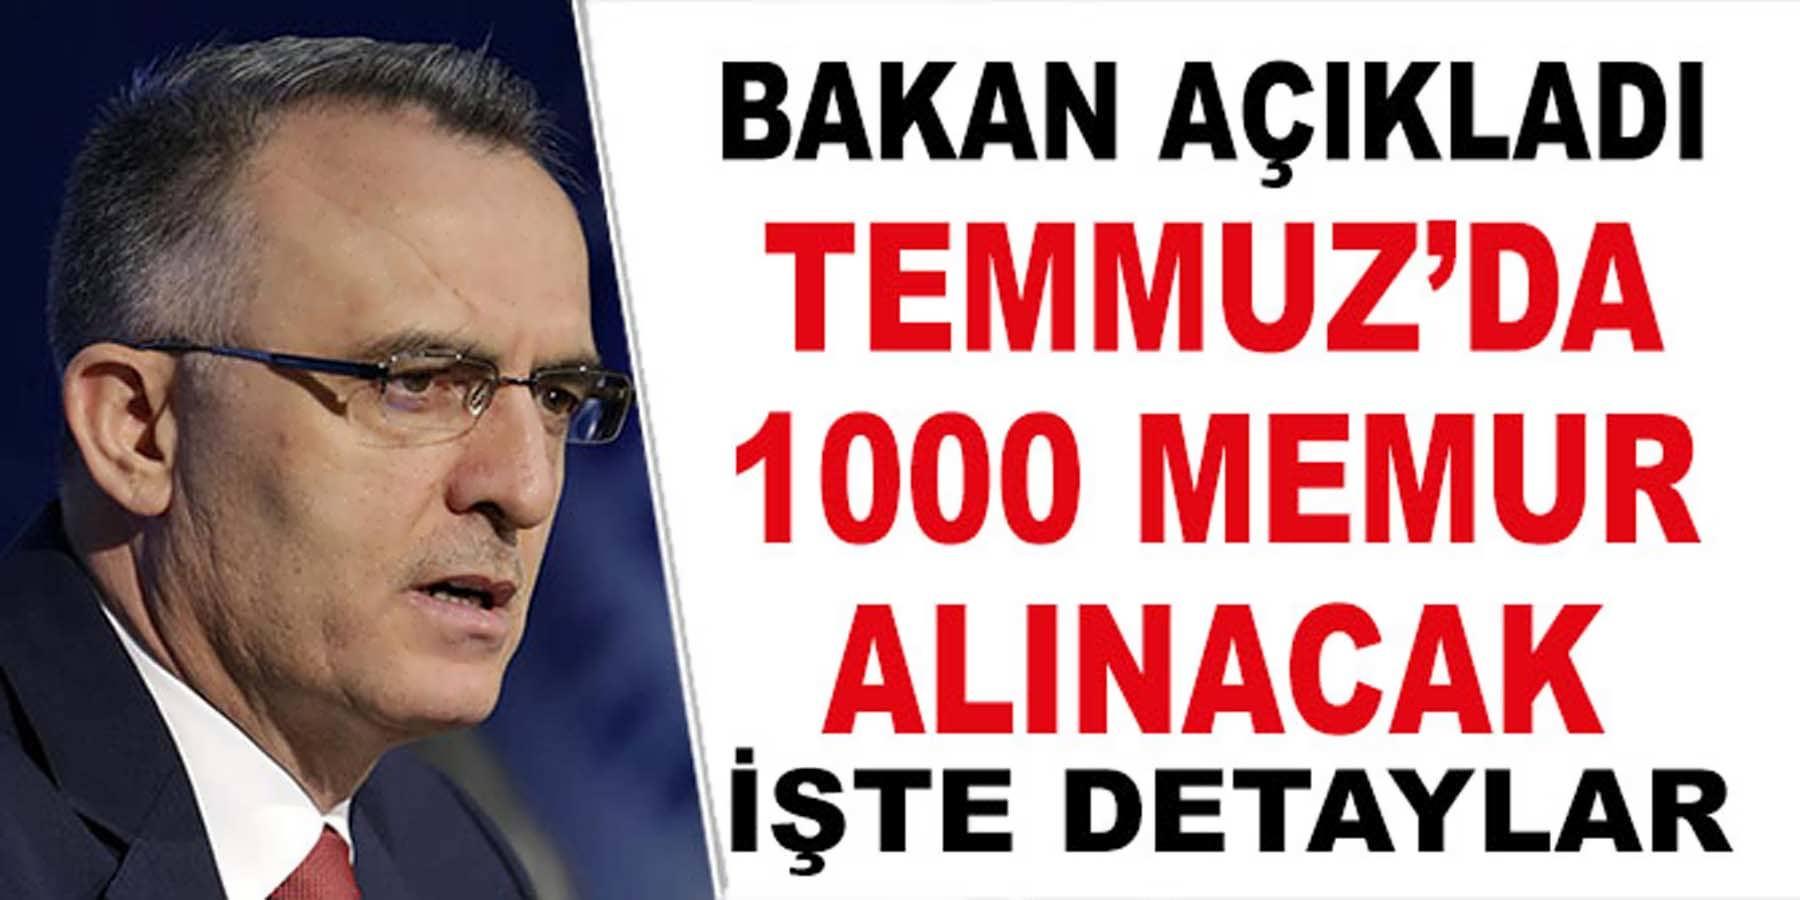 Bakan Açıkladı 1000 Memur Temmuz'da Alınacak